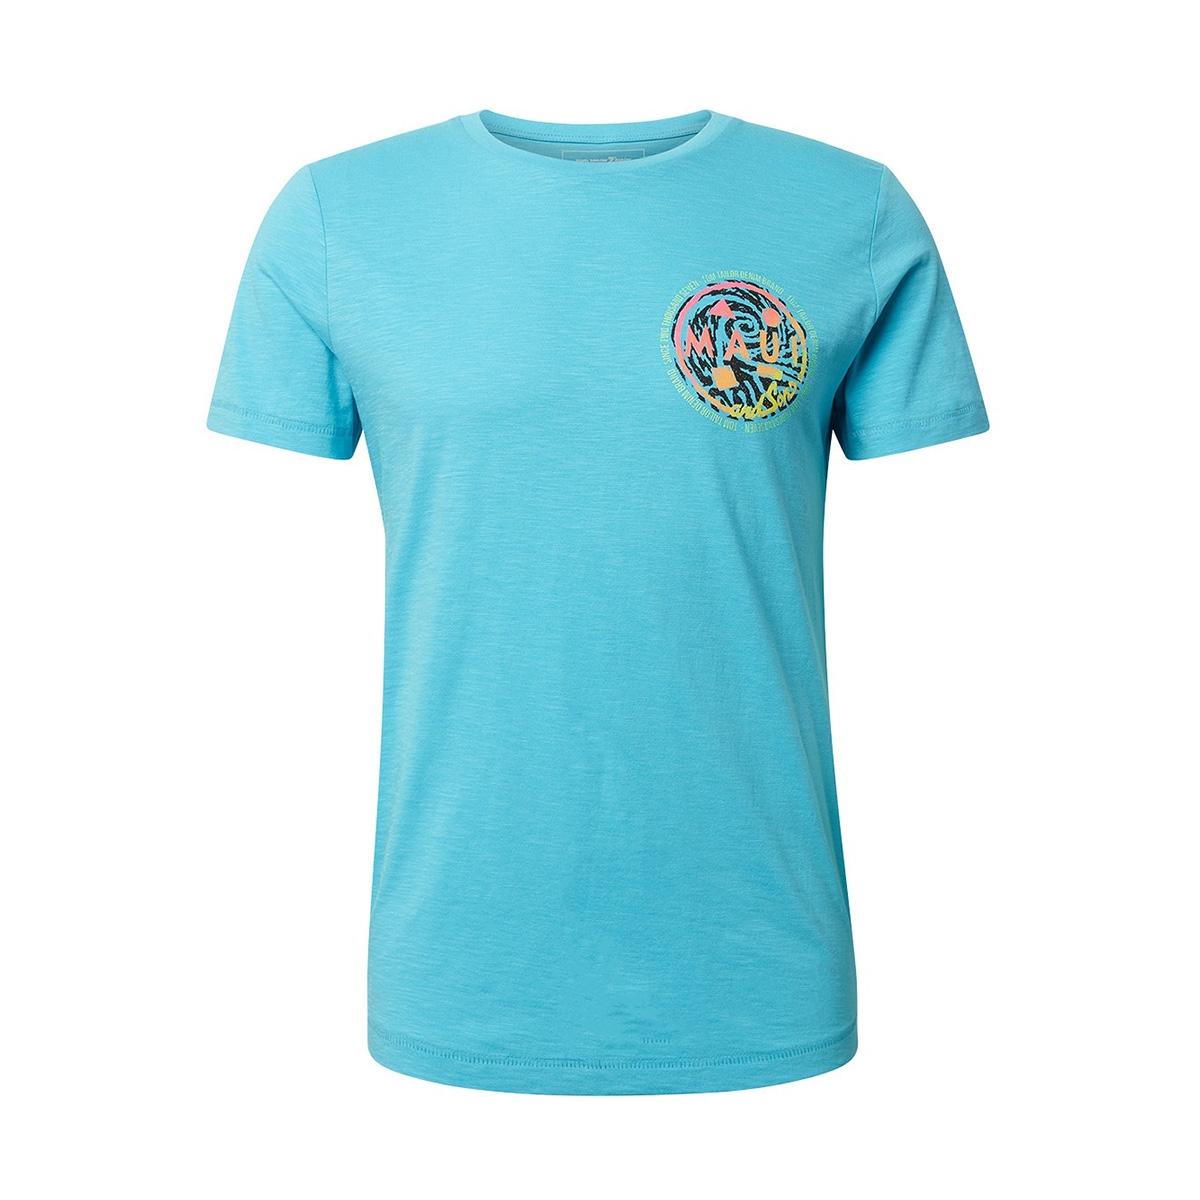 t shirt met print op de rug 1011383xx12 tom tailor t-shirt 16913